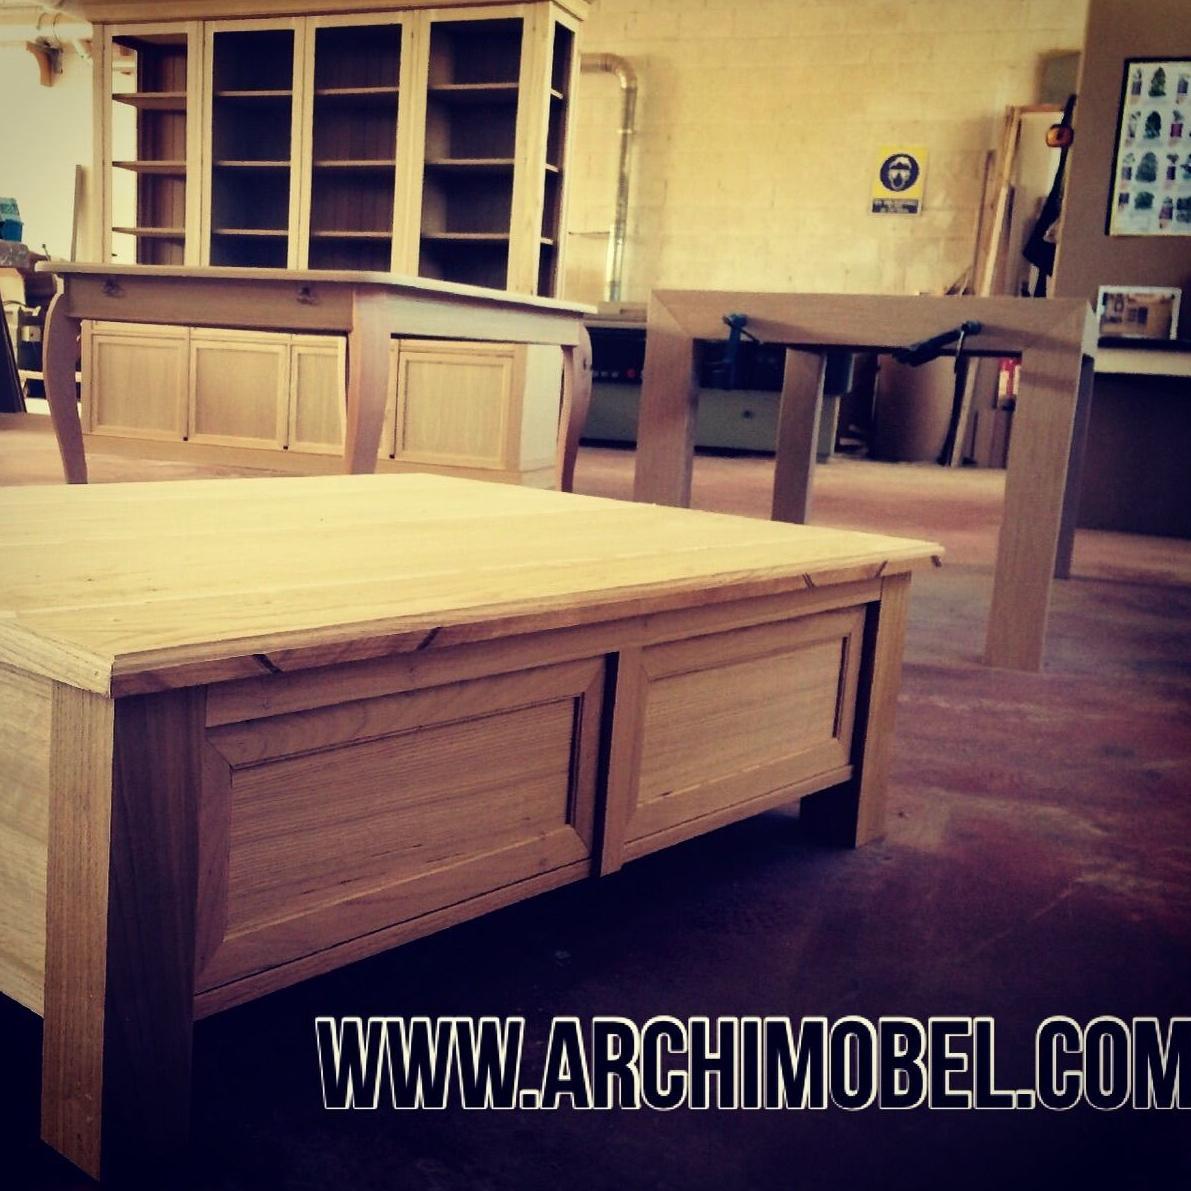 Archimobel fabrica de mobles a mida